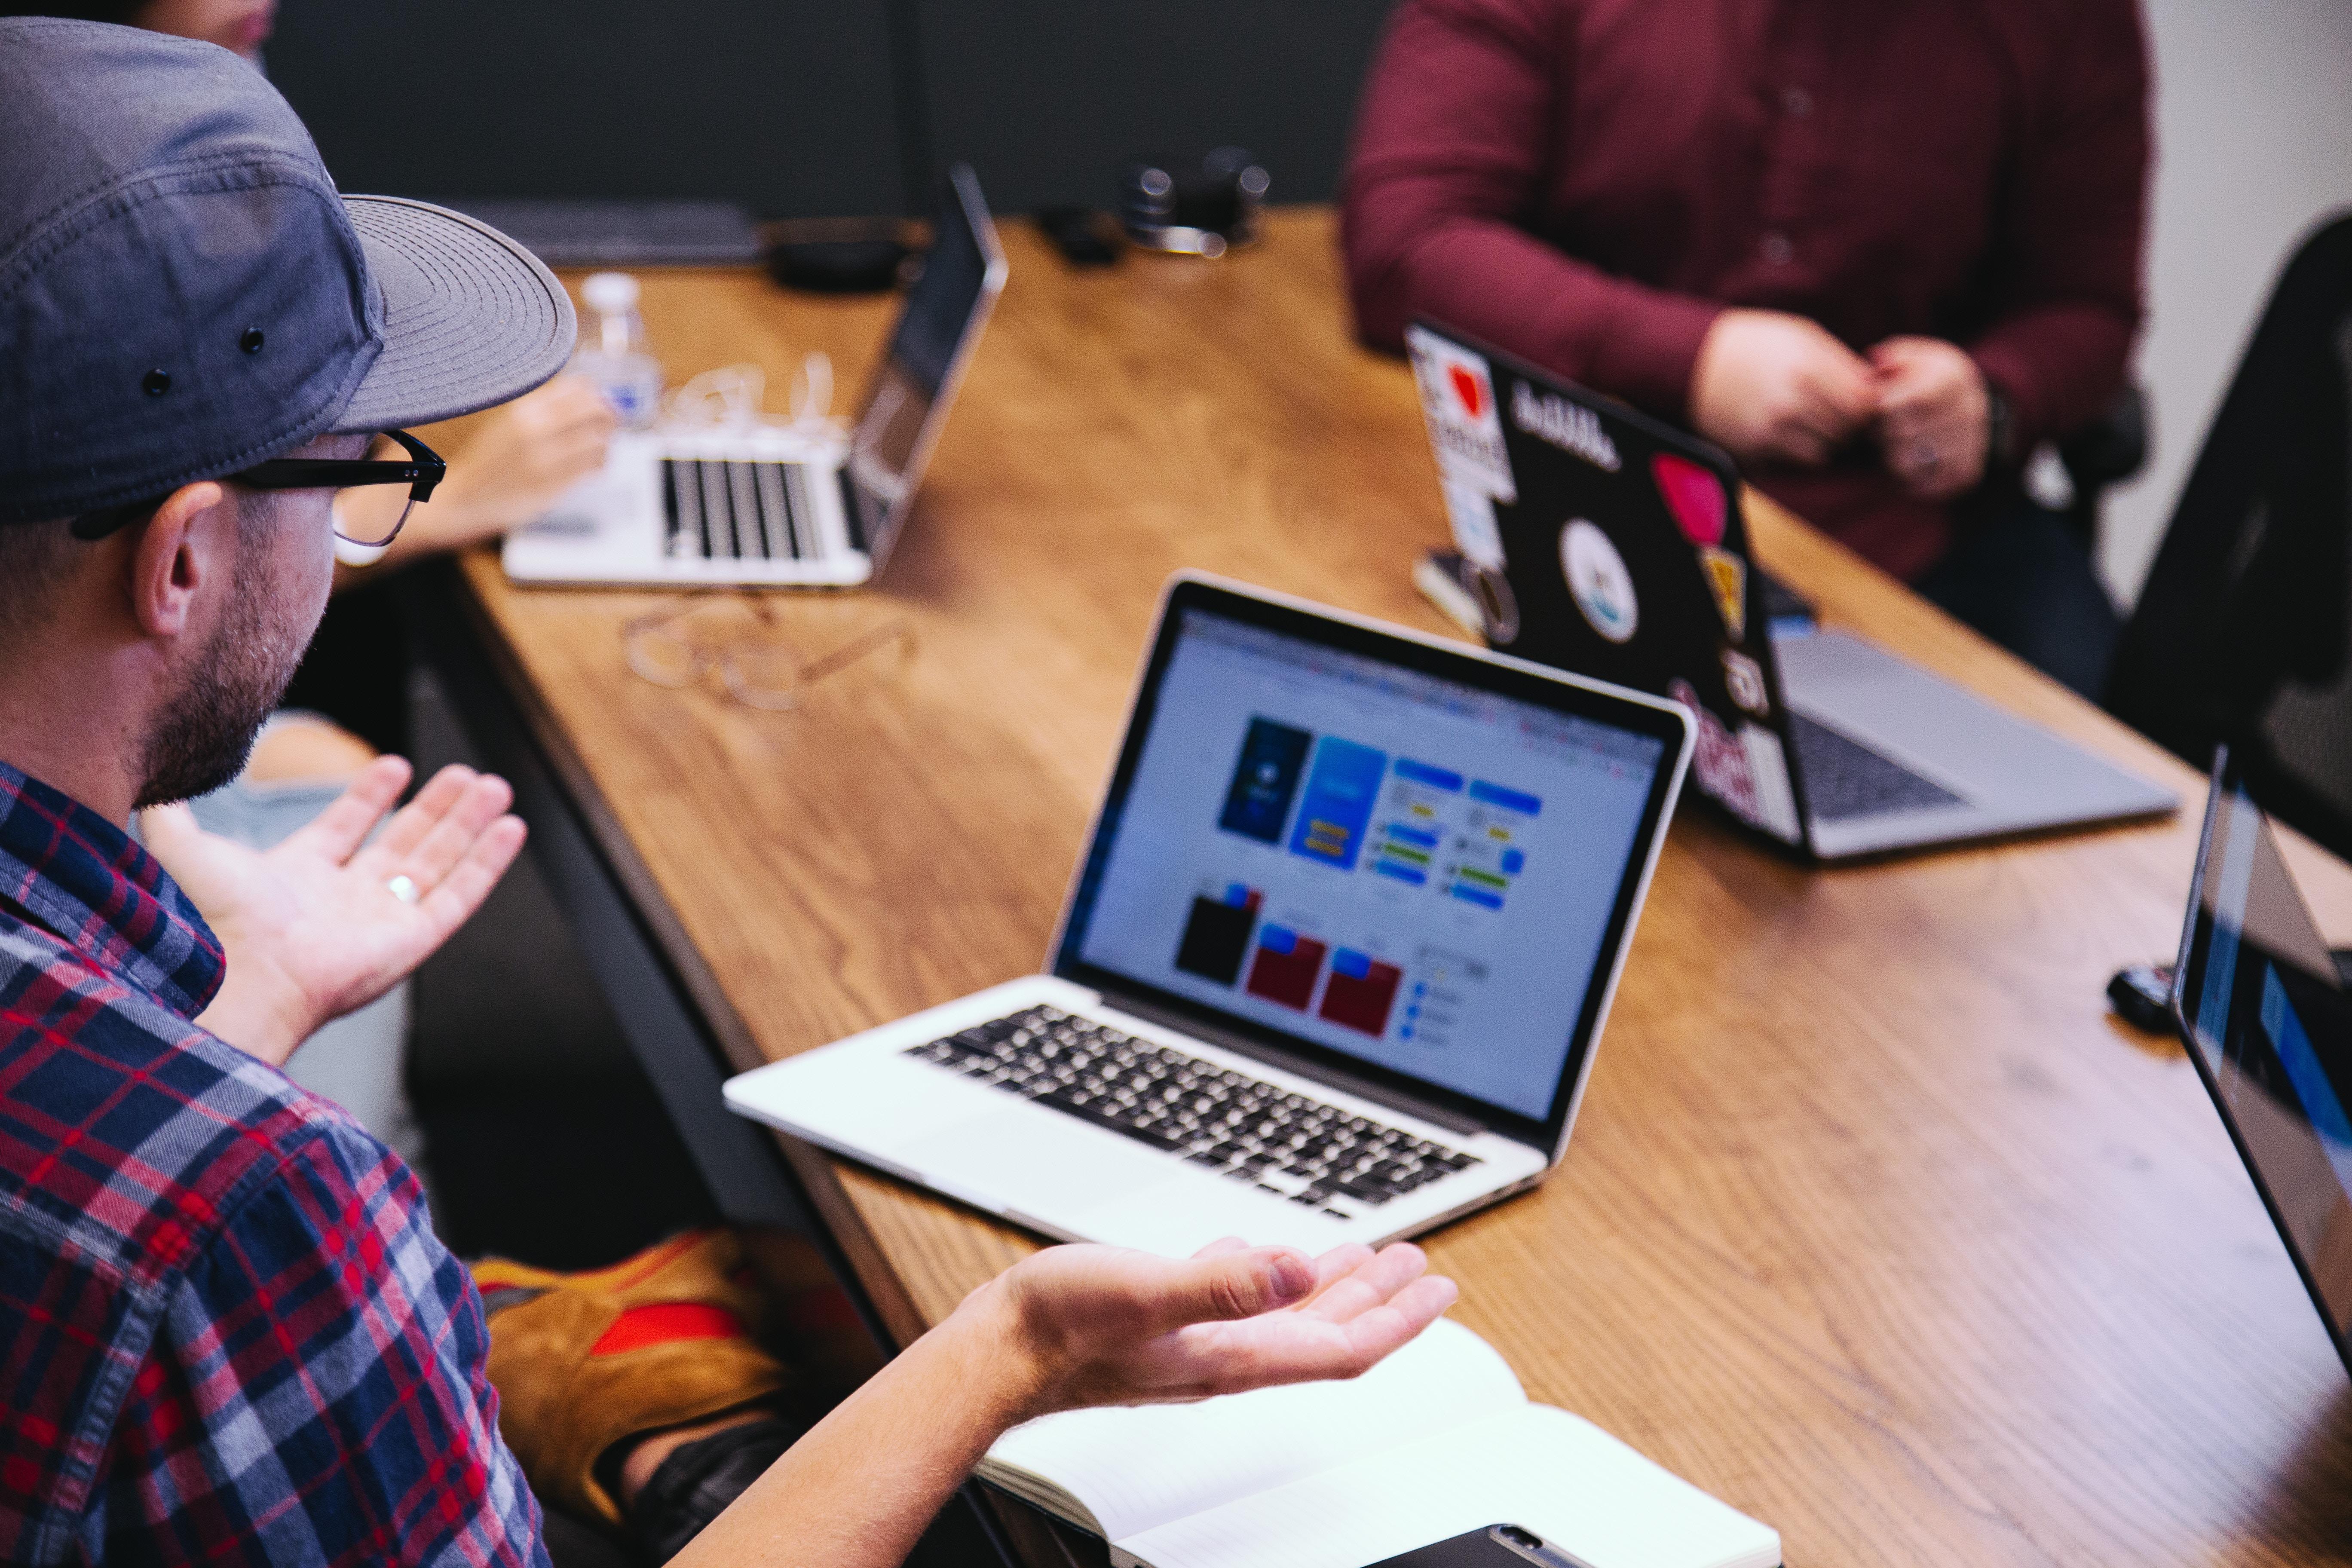 Les 5 clés pour faire durer votre startup